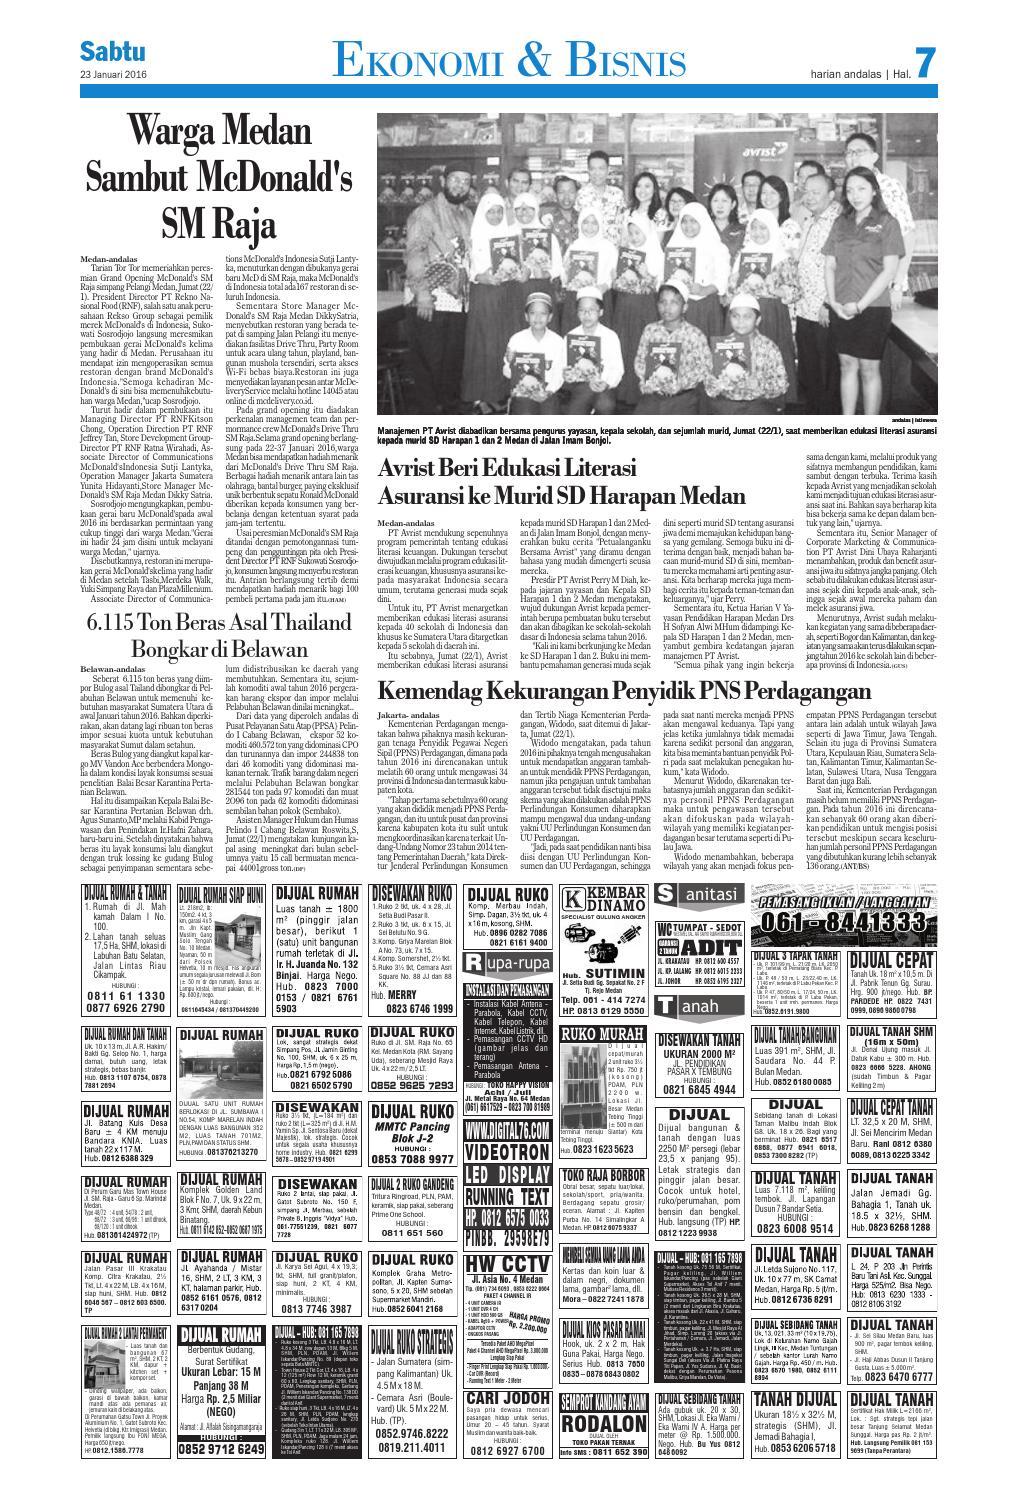 Epaper Andalas Edisi Sabtu 23 Jan 2016 By Media Andalas Issuu